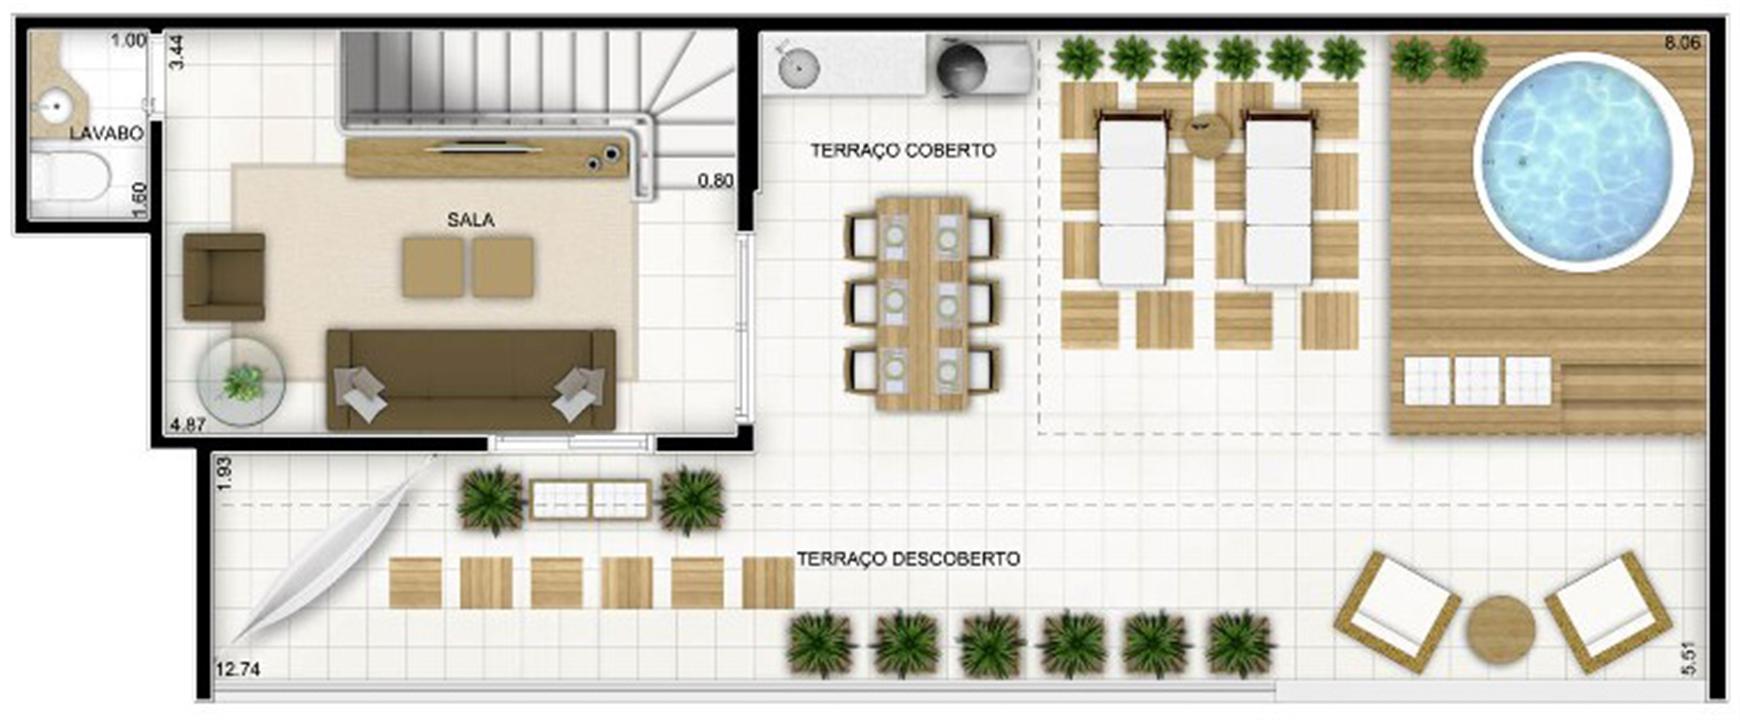 Duplex Andar Superior 159 m²   Quartier Lagoa Nova – Apartamentona  Lagoa Nova - Natal - Rio Grande do Norte